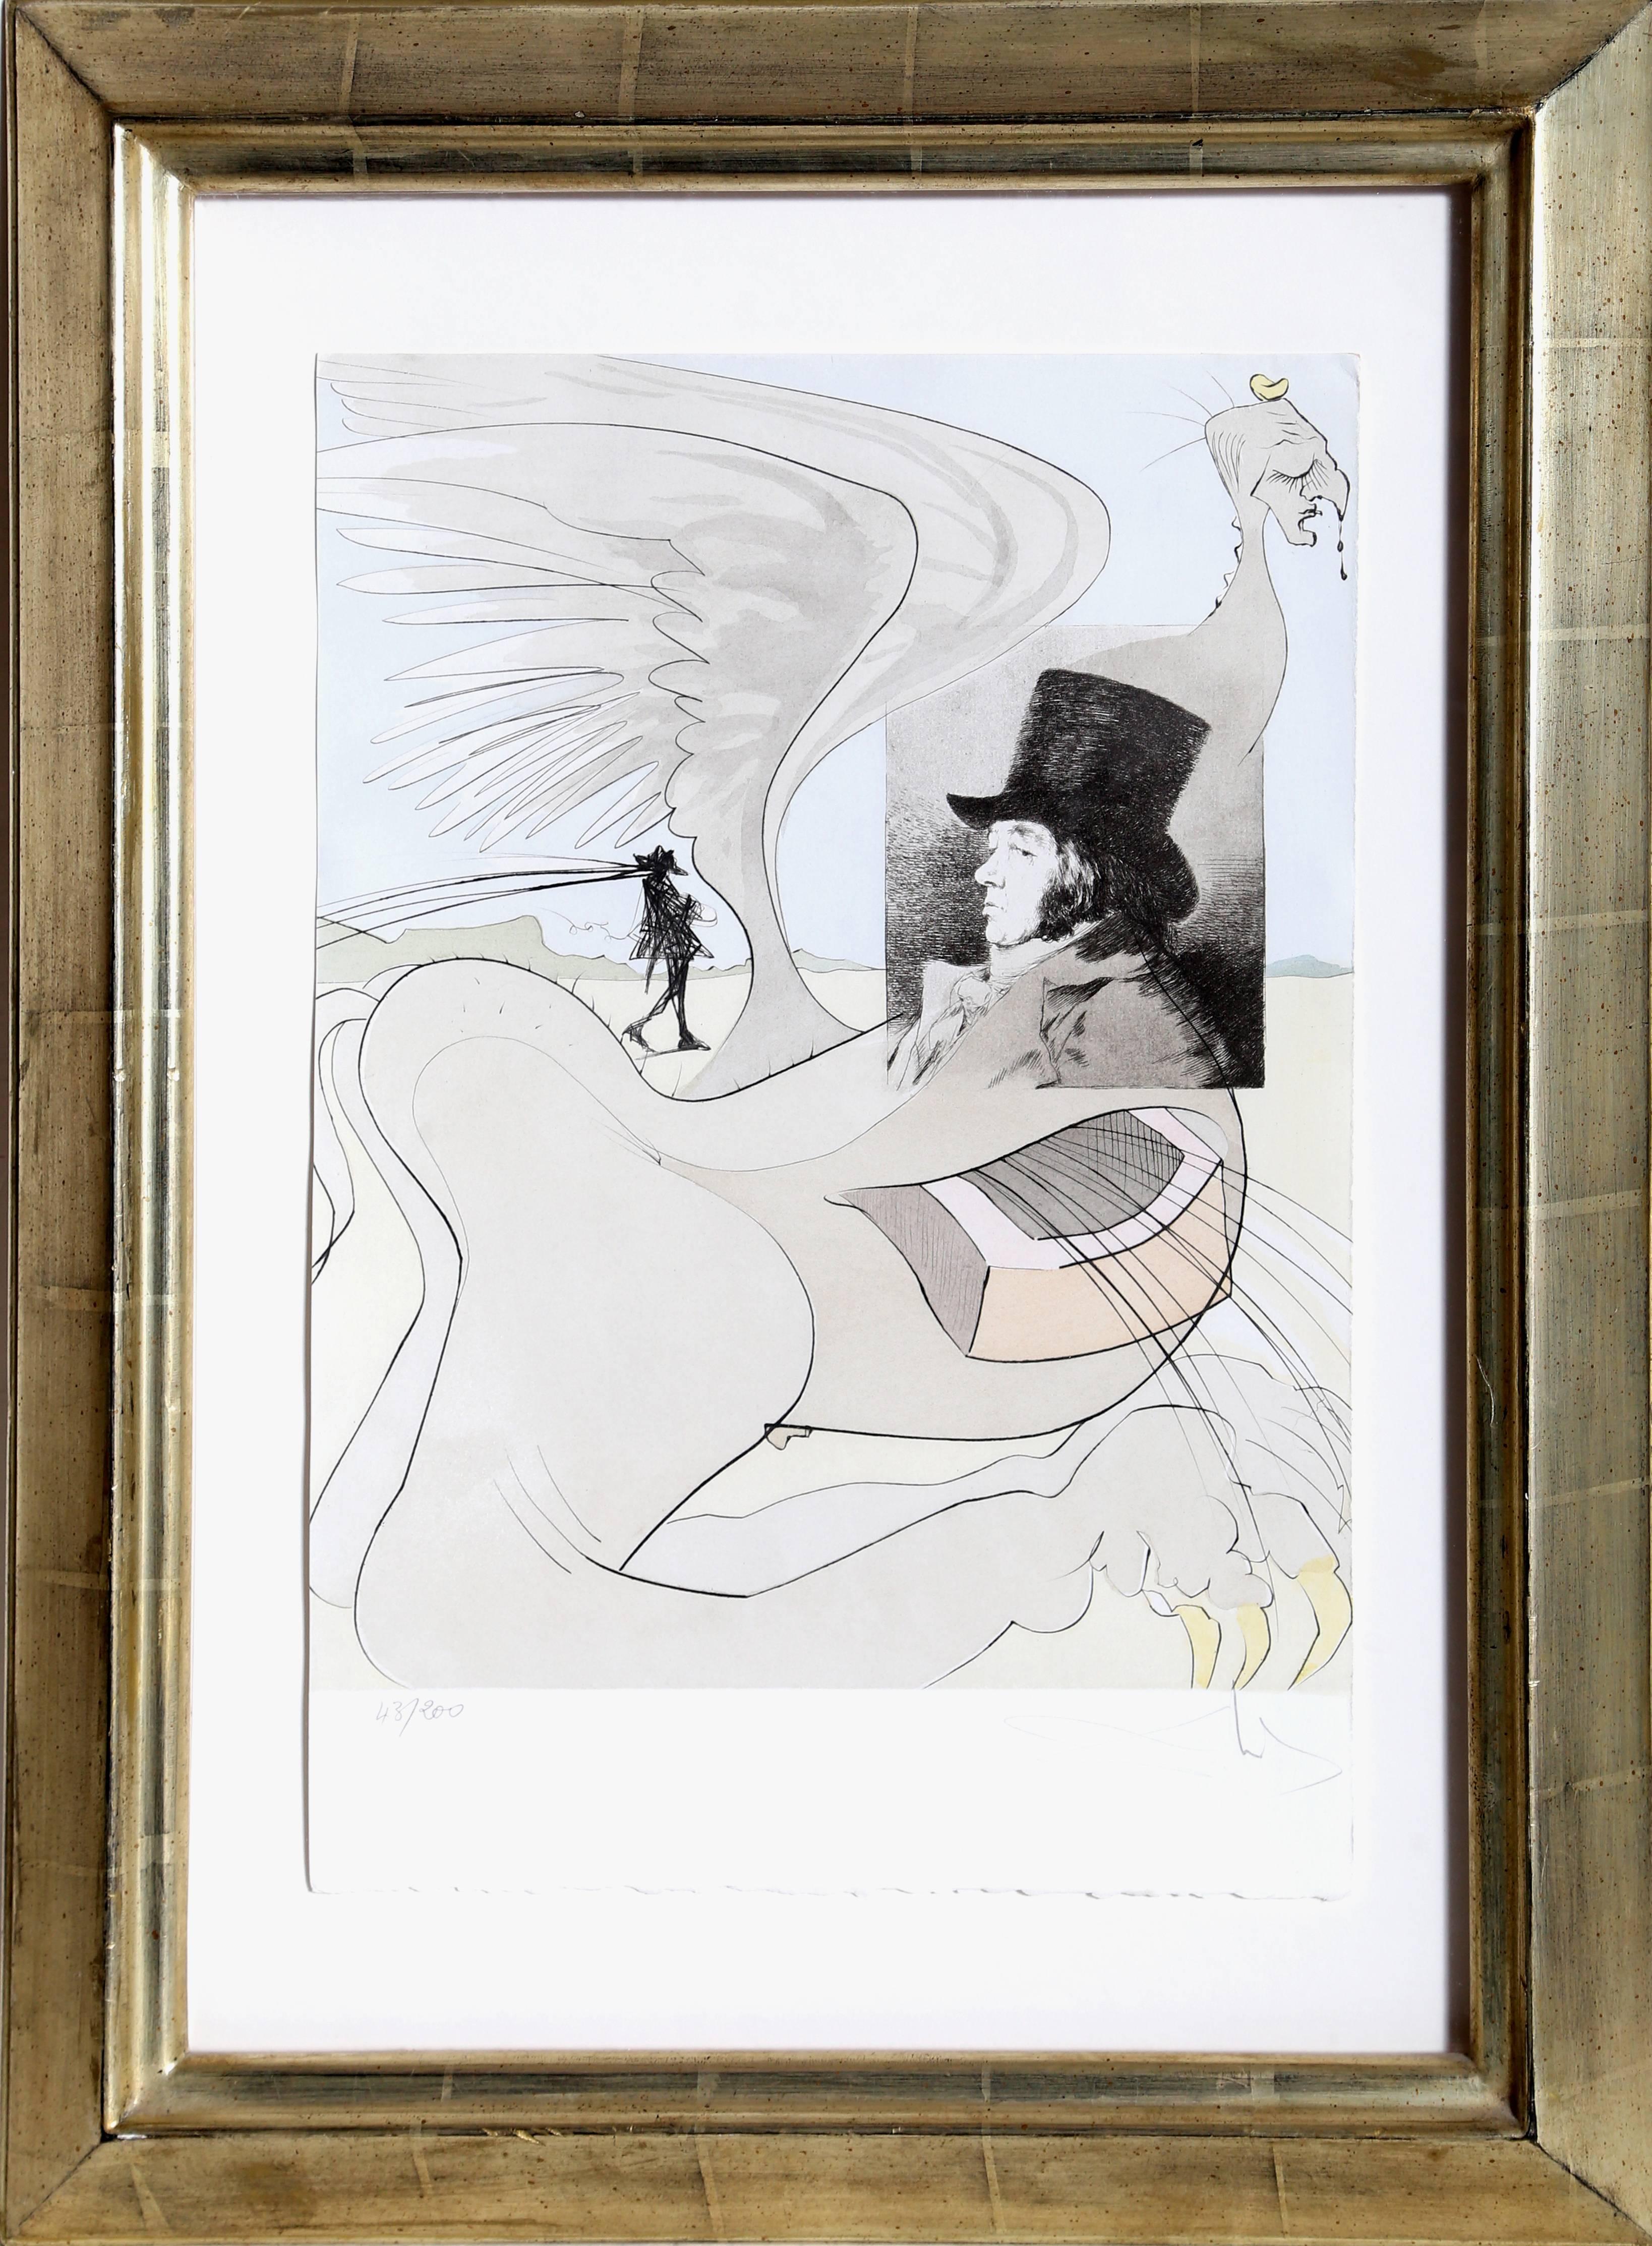 Les Caprices de Goya, Plate #80